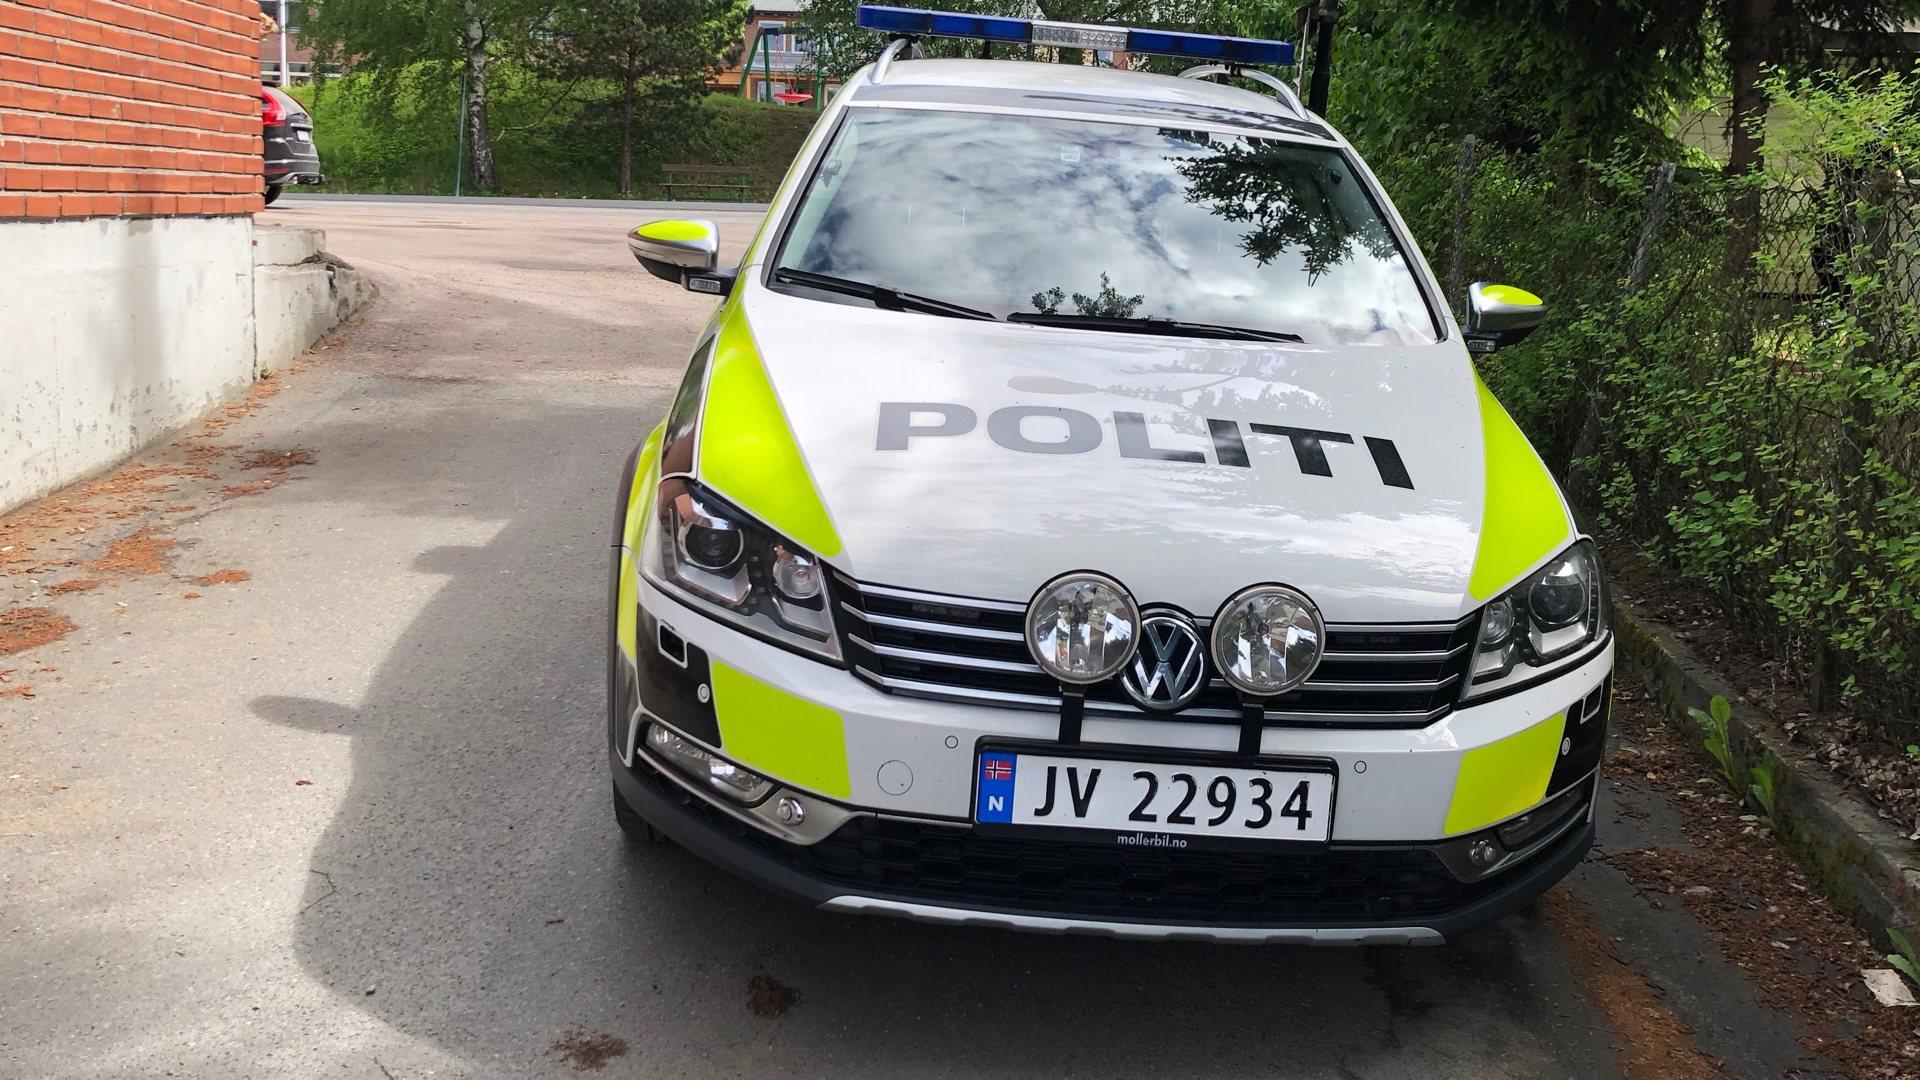 Politiaksjon i Åmot. Skal ha følt seg truet av to personer med våpen